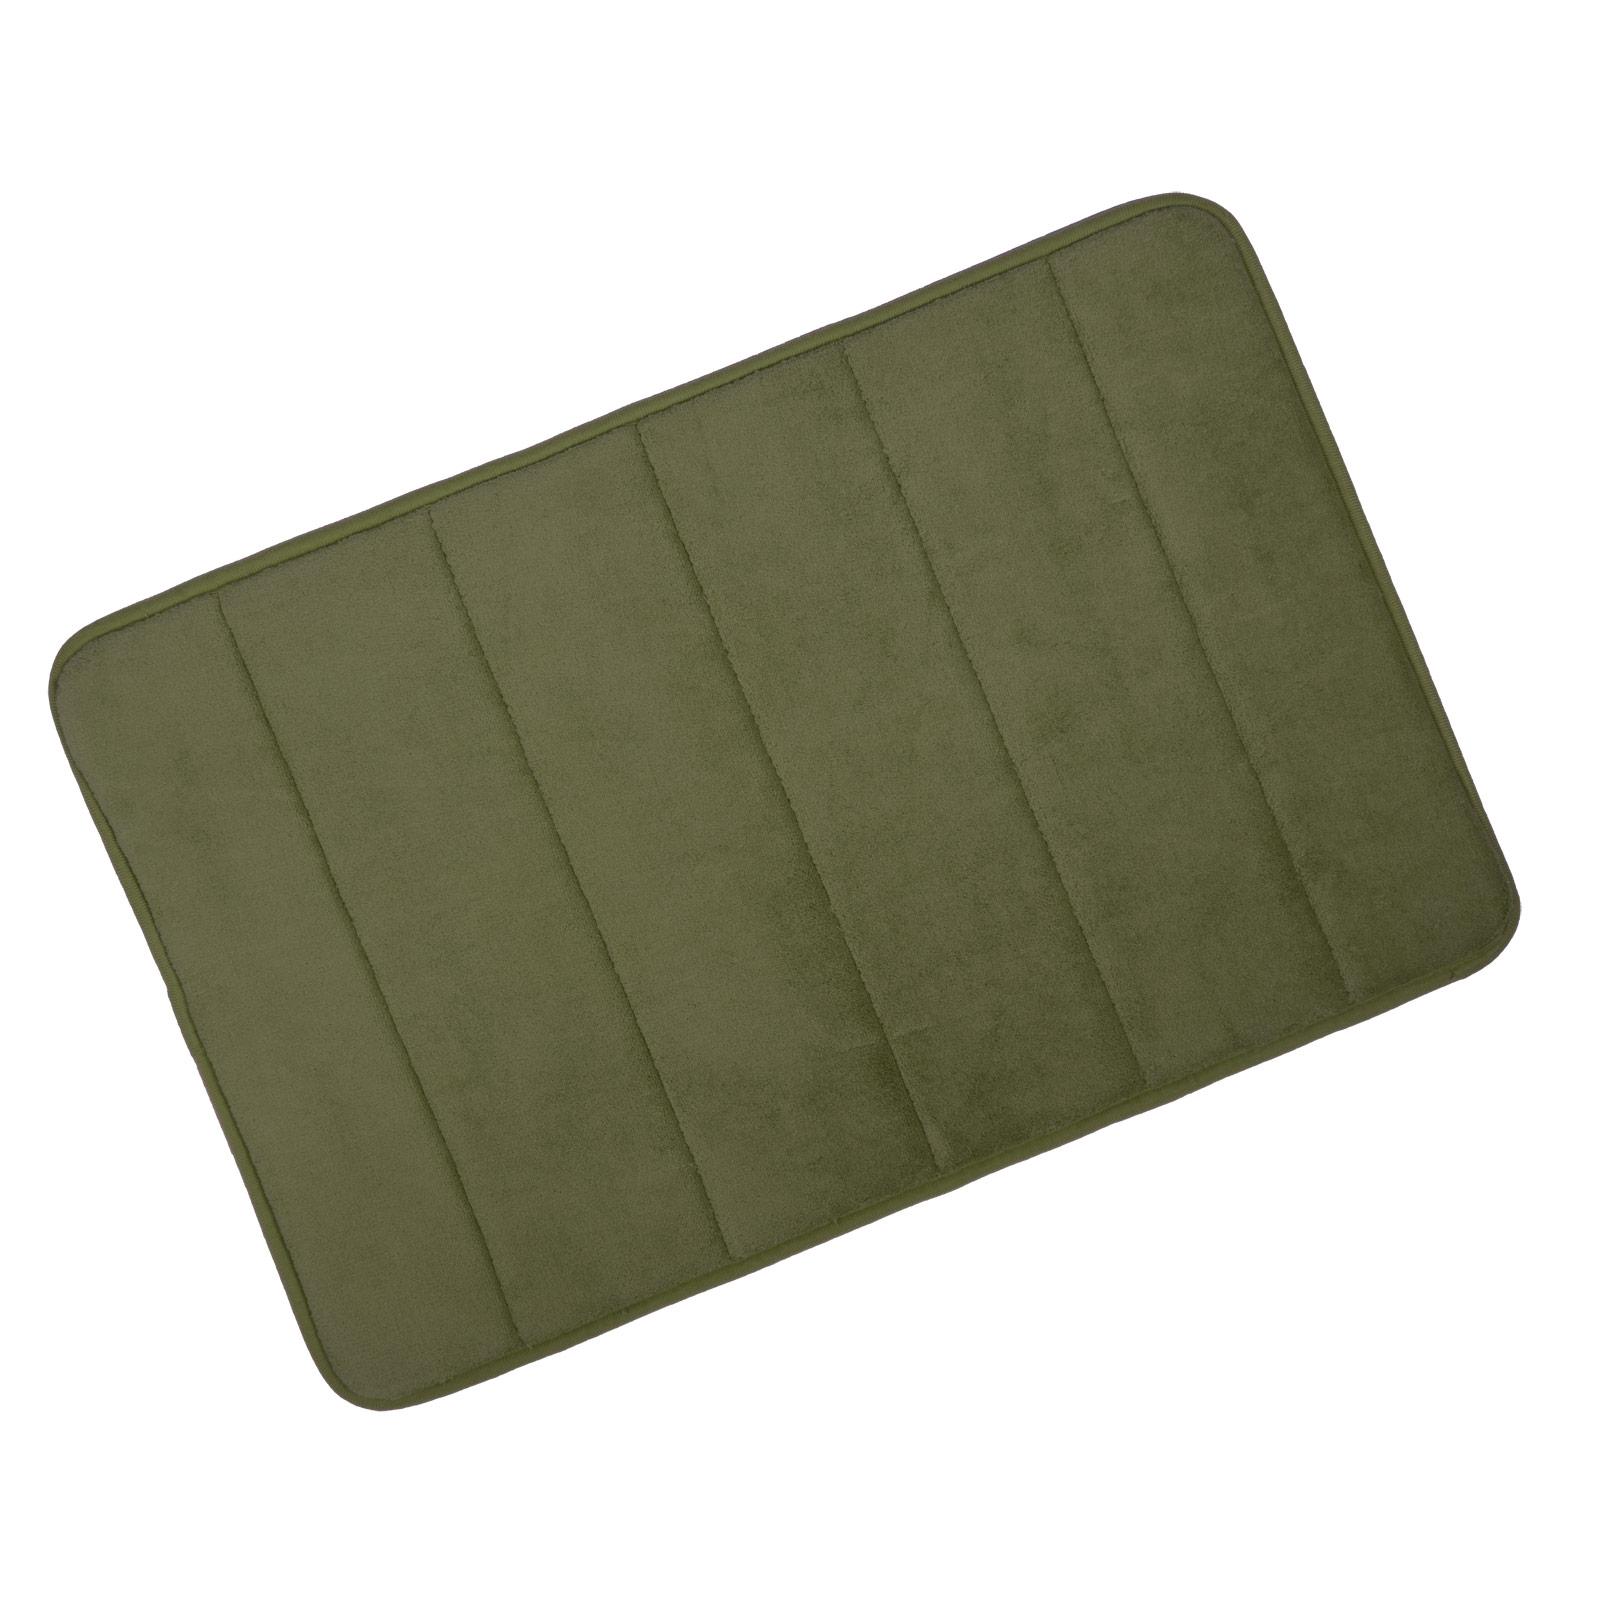 Microfibre Soft Absorbent Memory Foam Bathroom Bath Mat